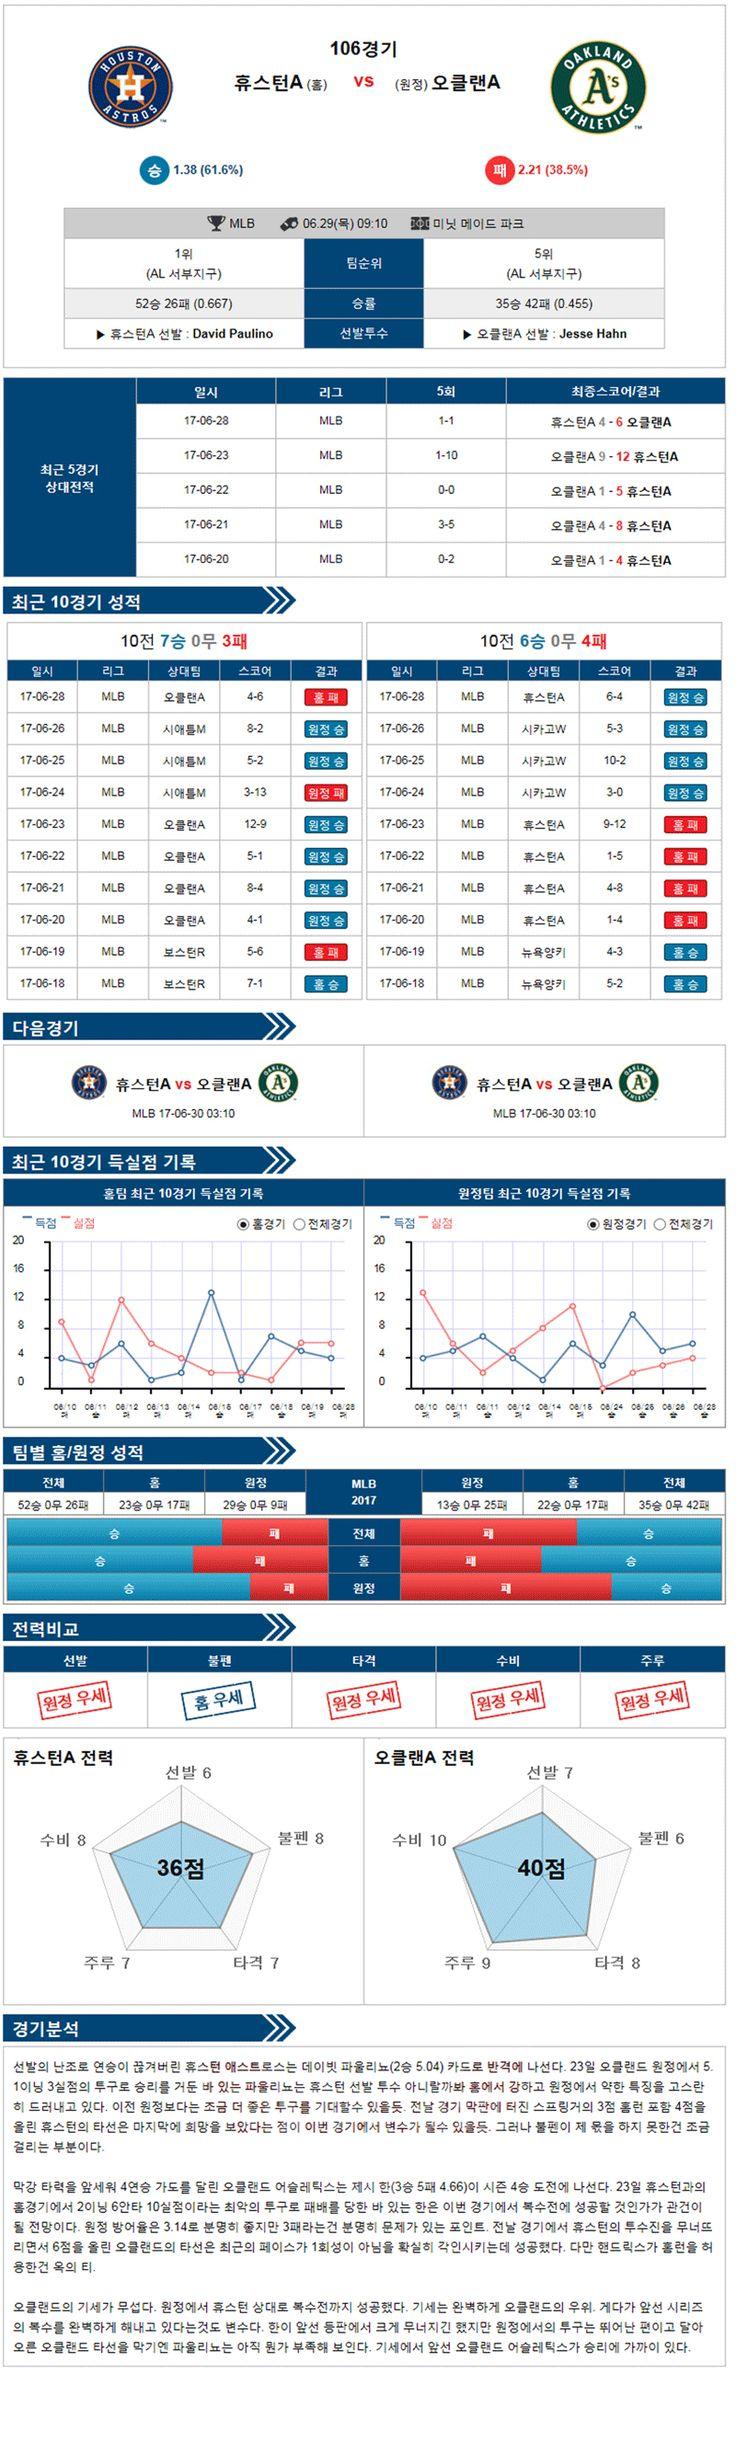 [MLB] 6월 29일 야구분석픽 휴스턴 VS 오클랜드 ★토토군 분석픽★